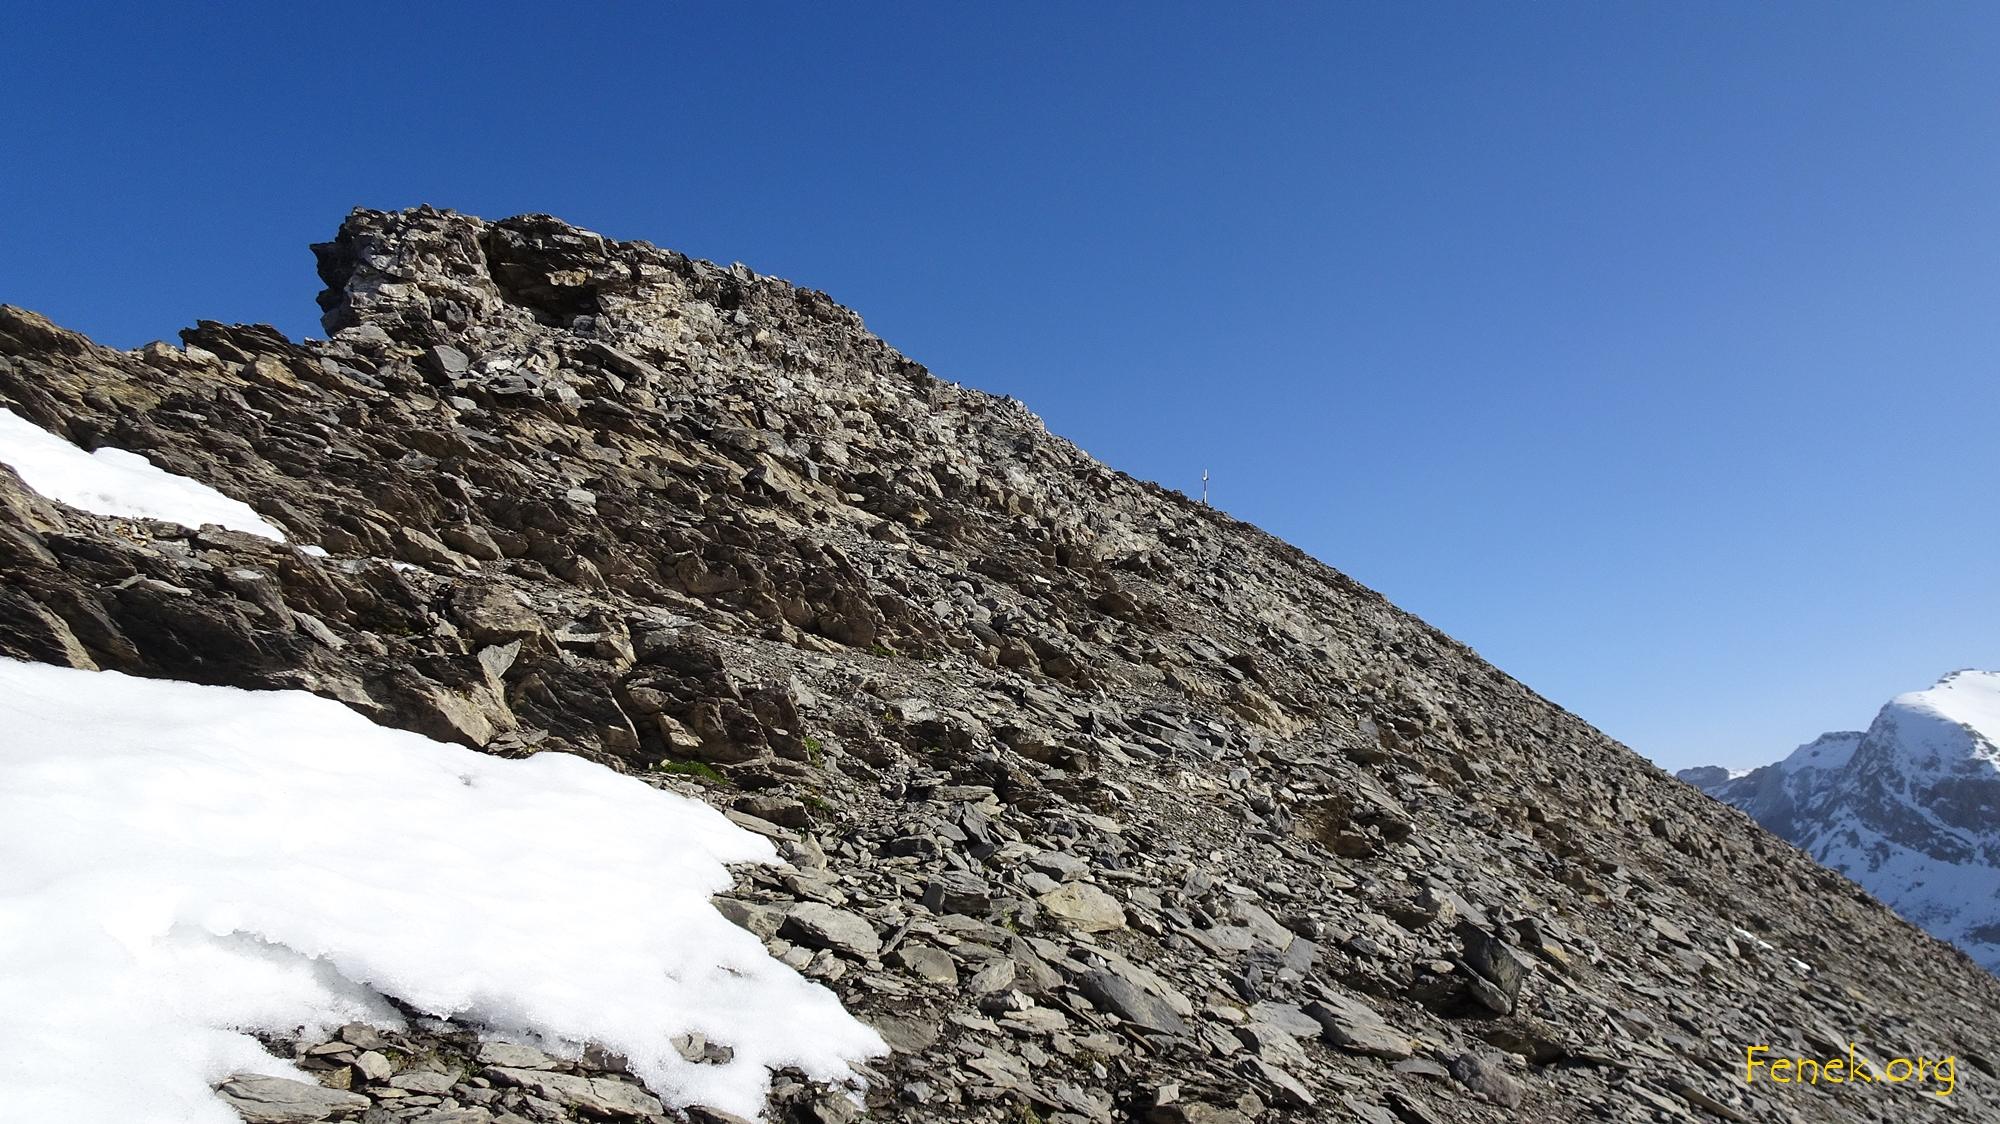 der Gipfel ist schon in Sicht (rechts der Mitte)